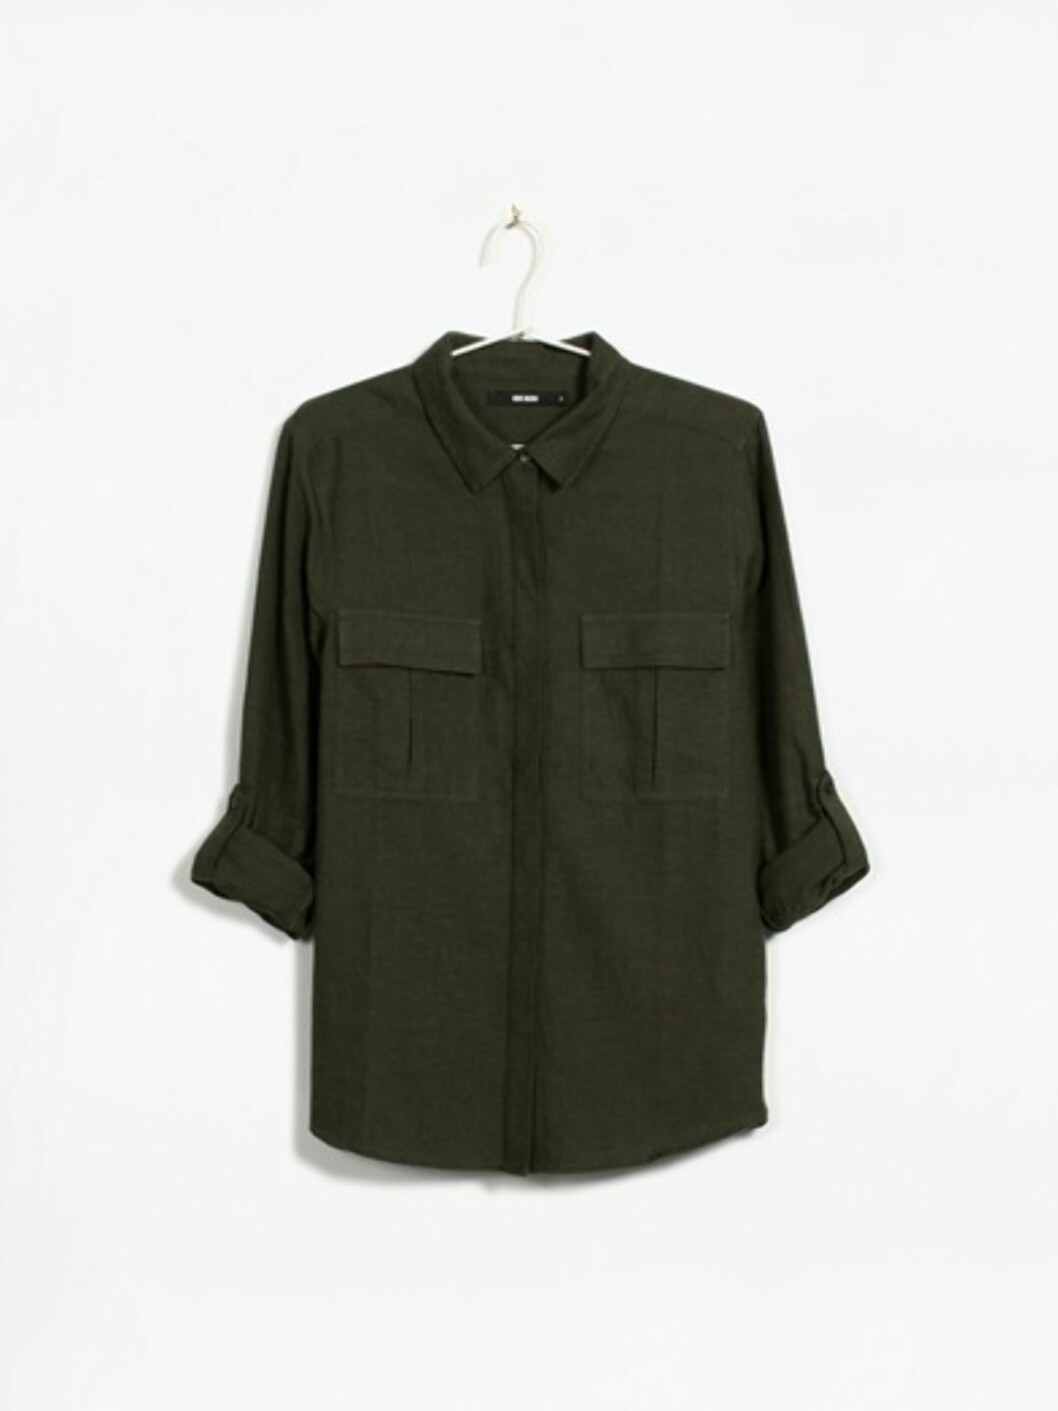 Skjorte fra BikBok, kr 299. Foto: Produsenten